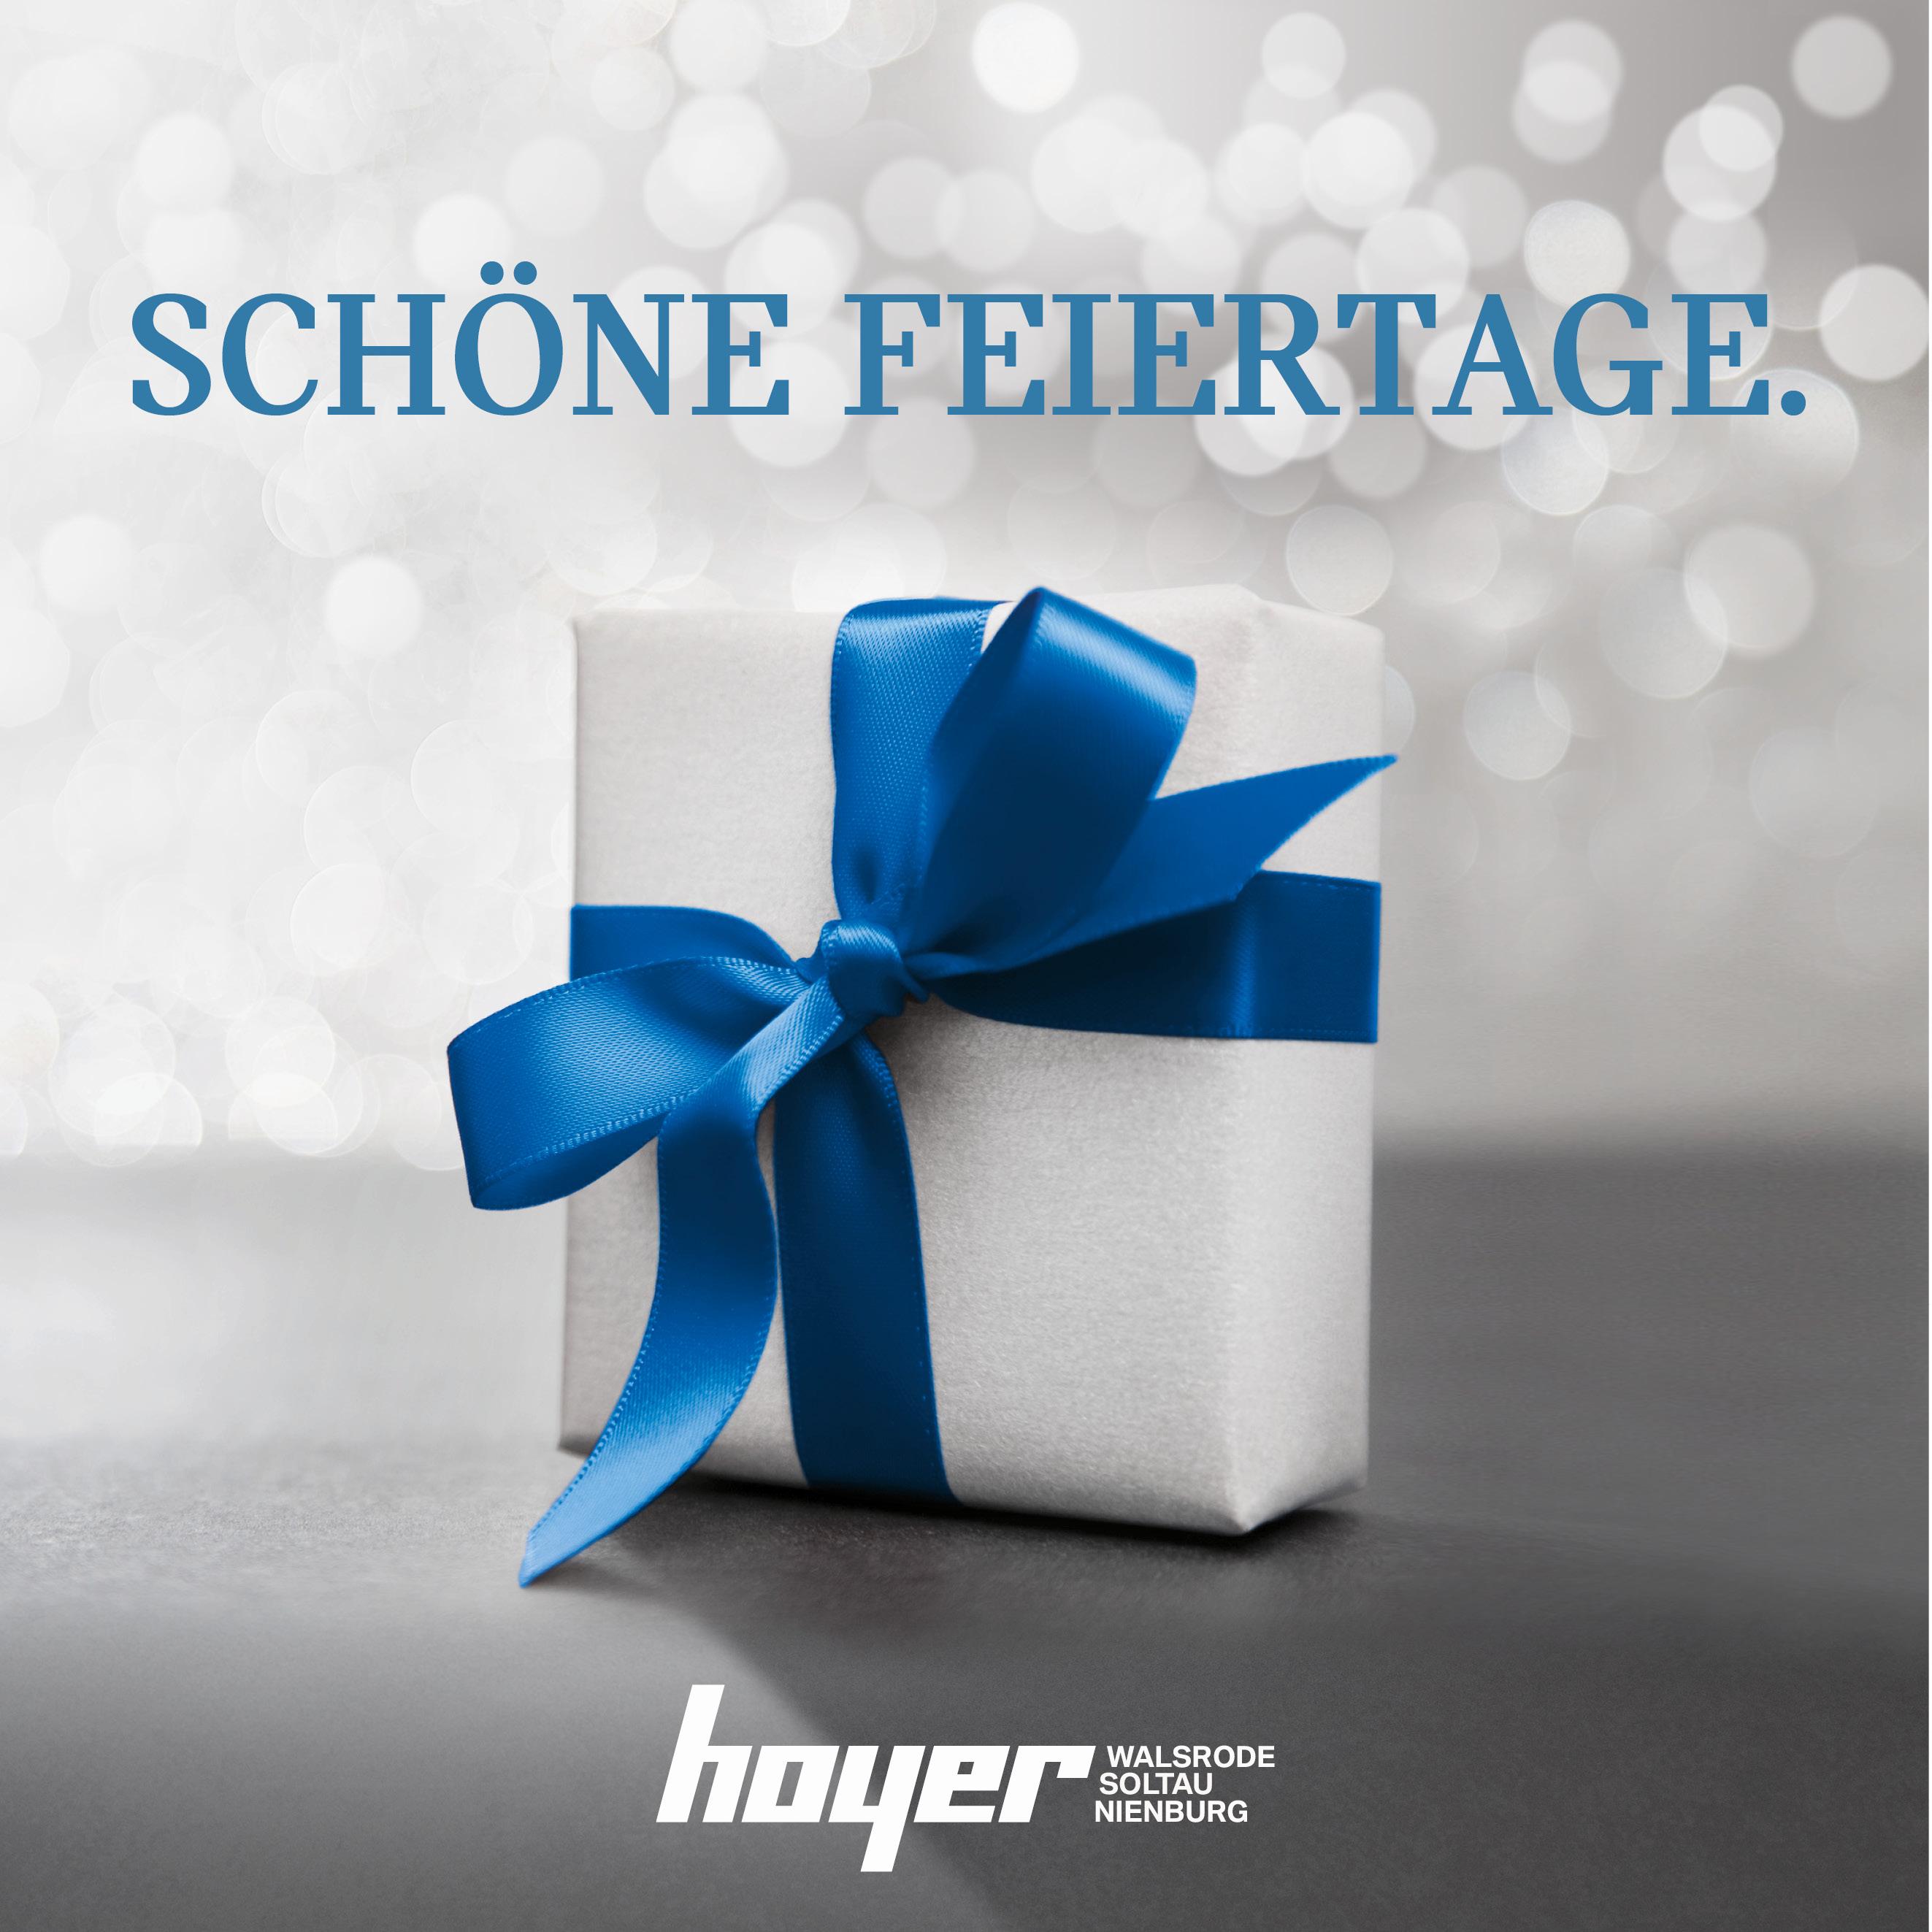 Die Hoyer Autohäuser wünschen schöne Feiertage